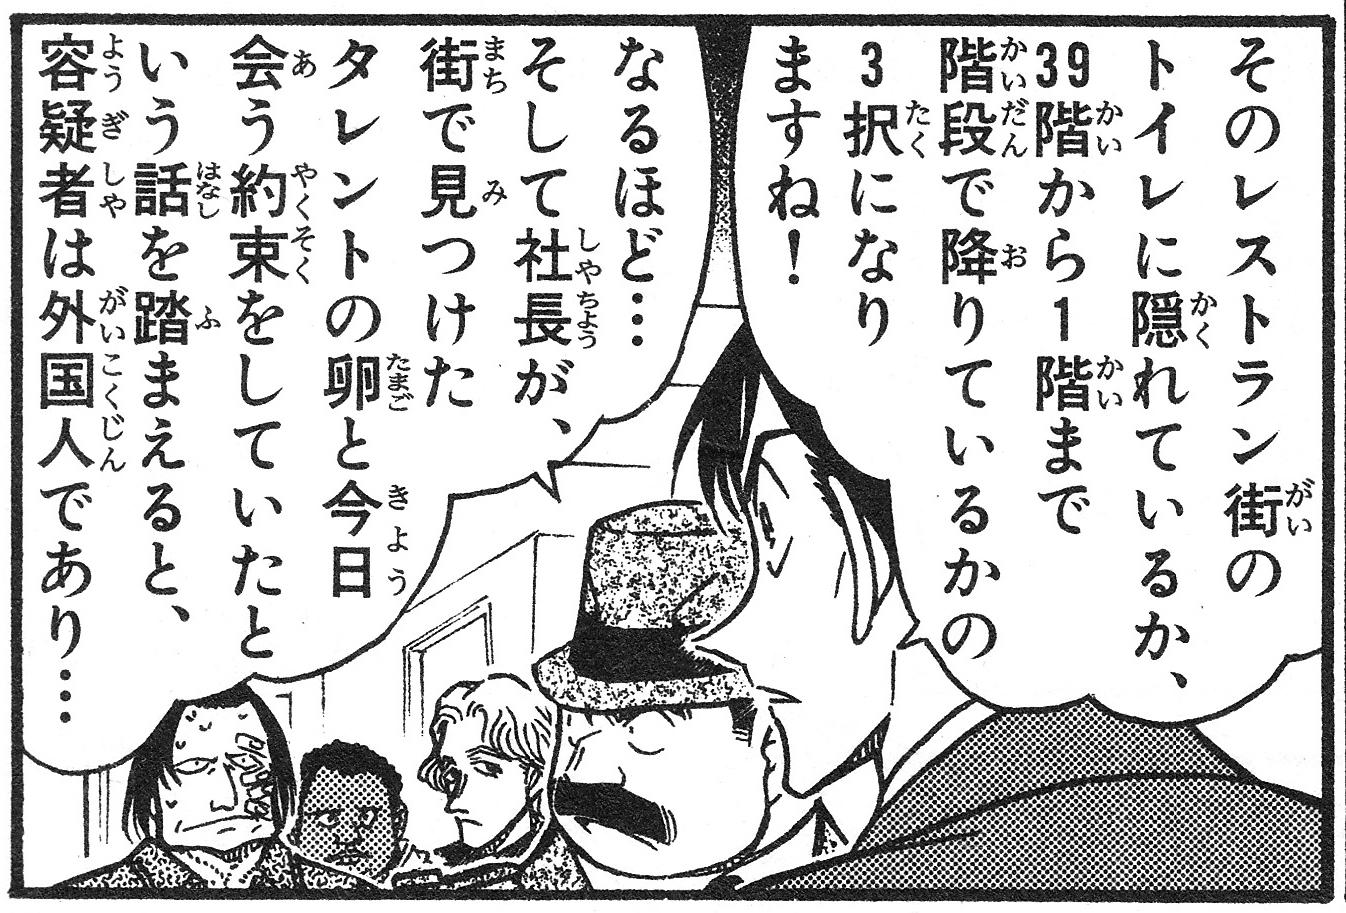 6_名探偵コナン_58巻_t.jpg